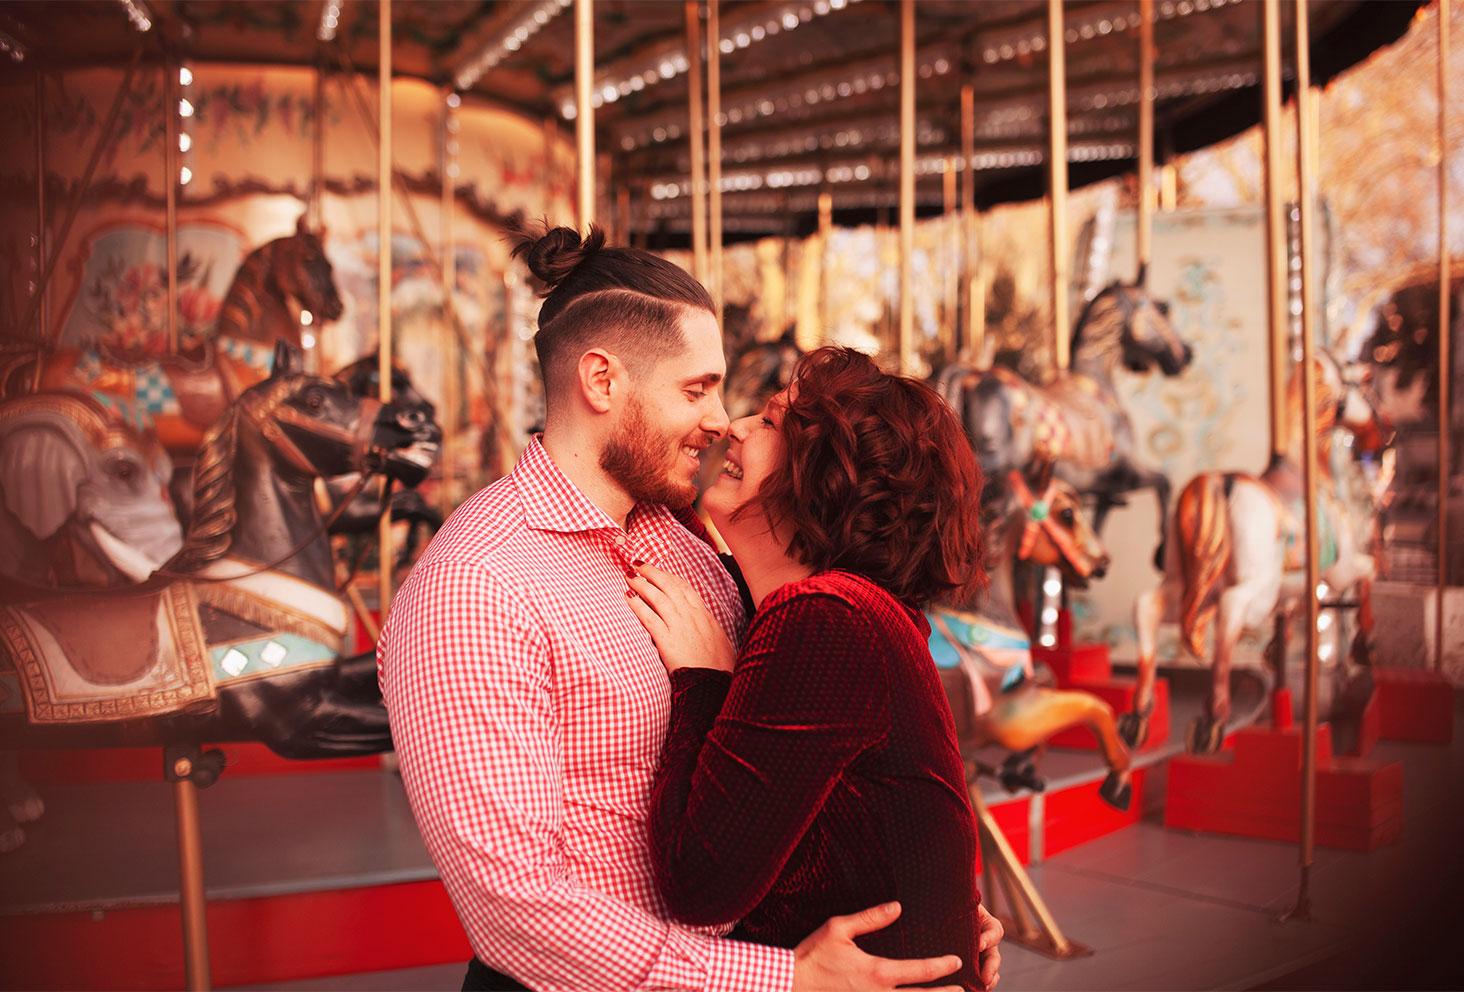 En amoureux dans les bras l'un de l'autre, devant le carrousel du marché de Noël en tenues de fêtes, pour fêter les 4 ans de blog